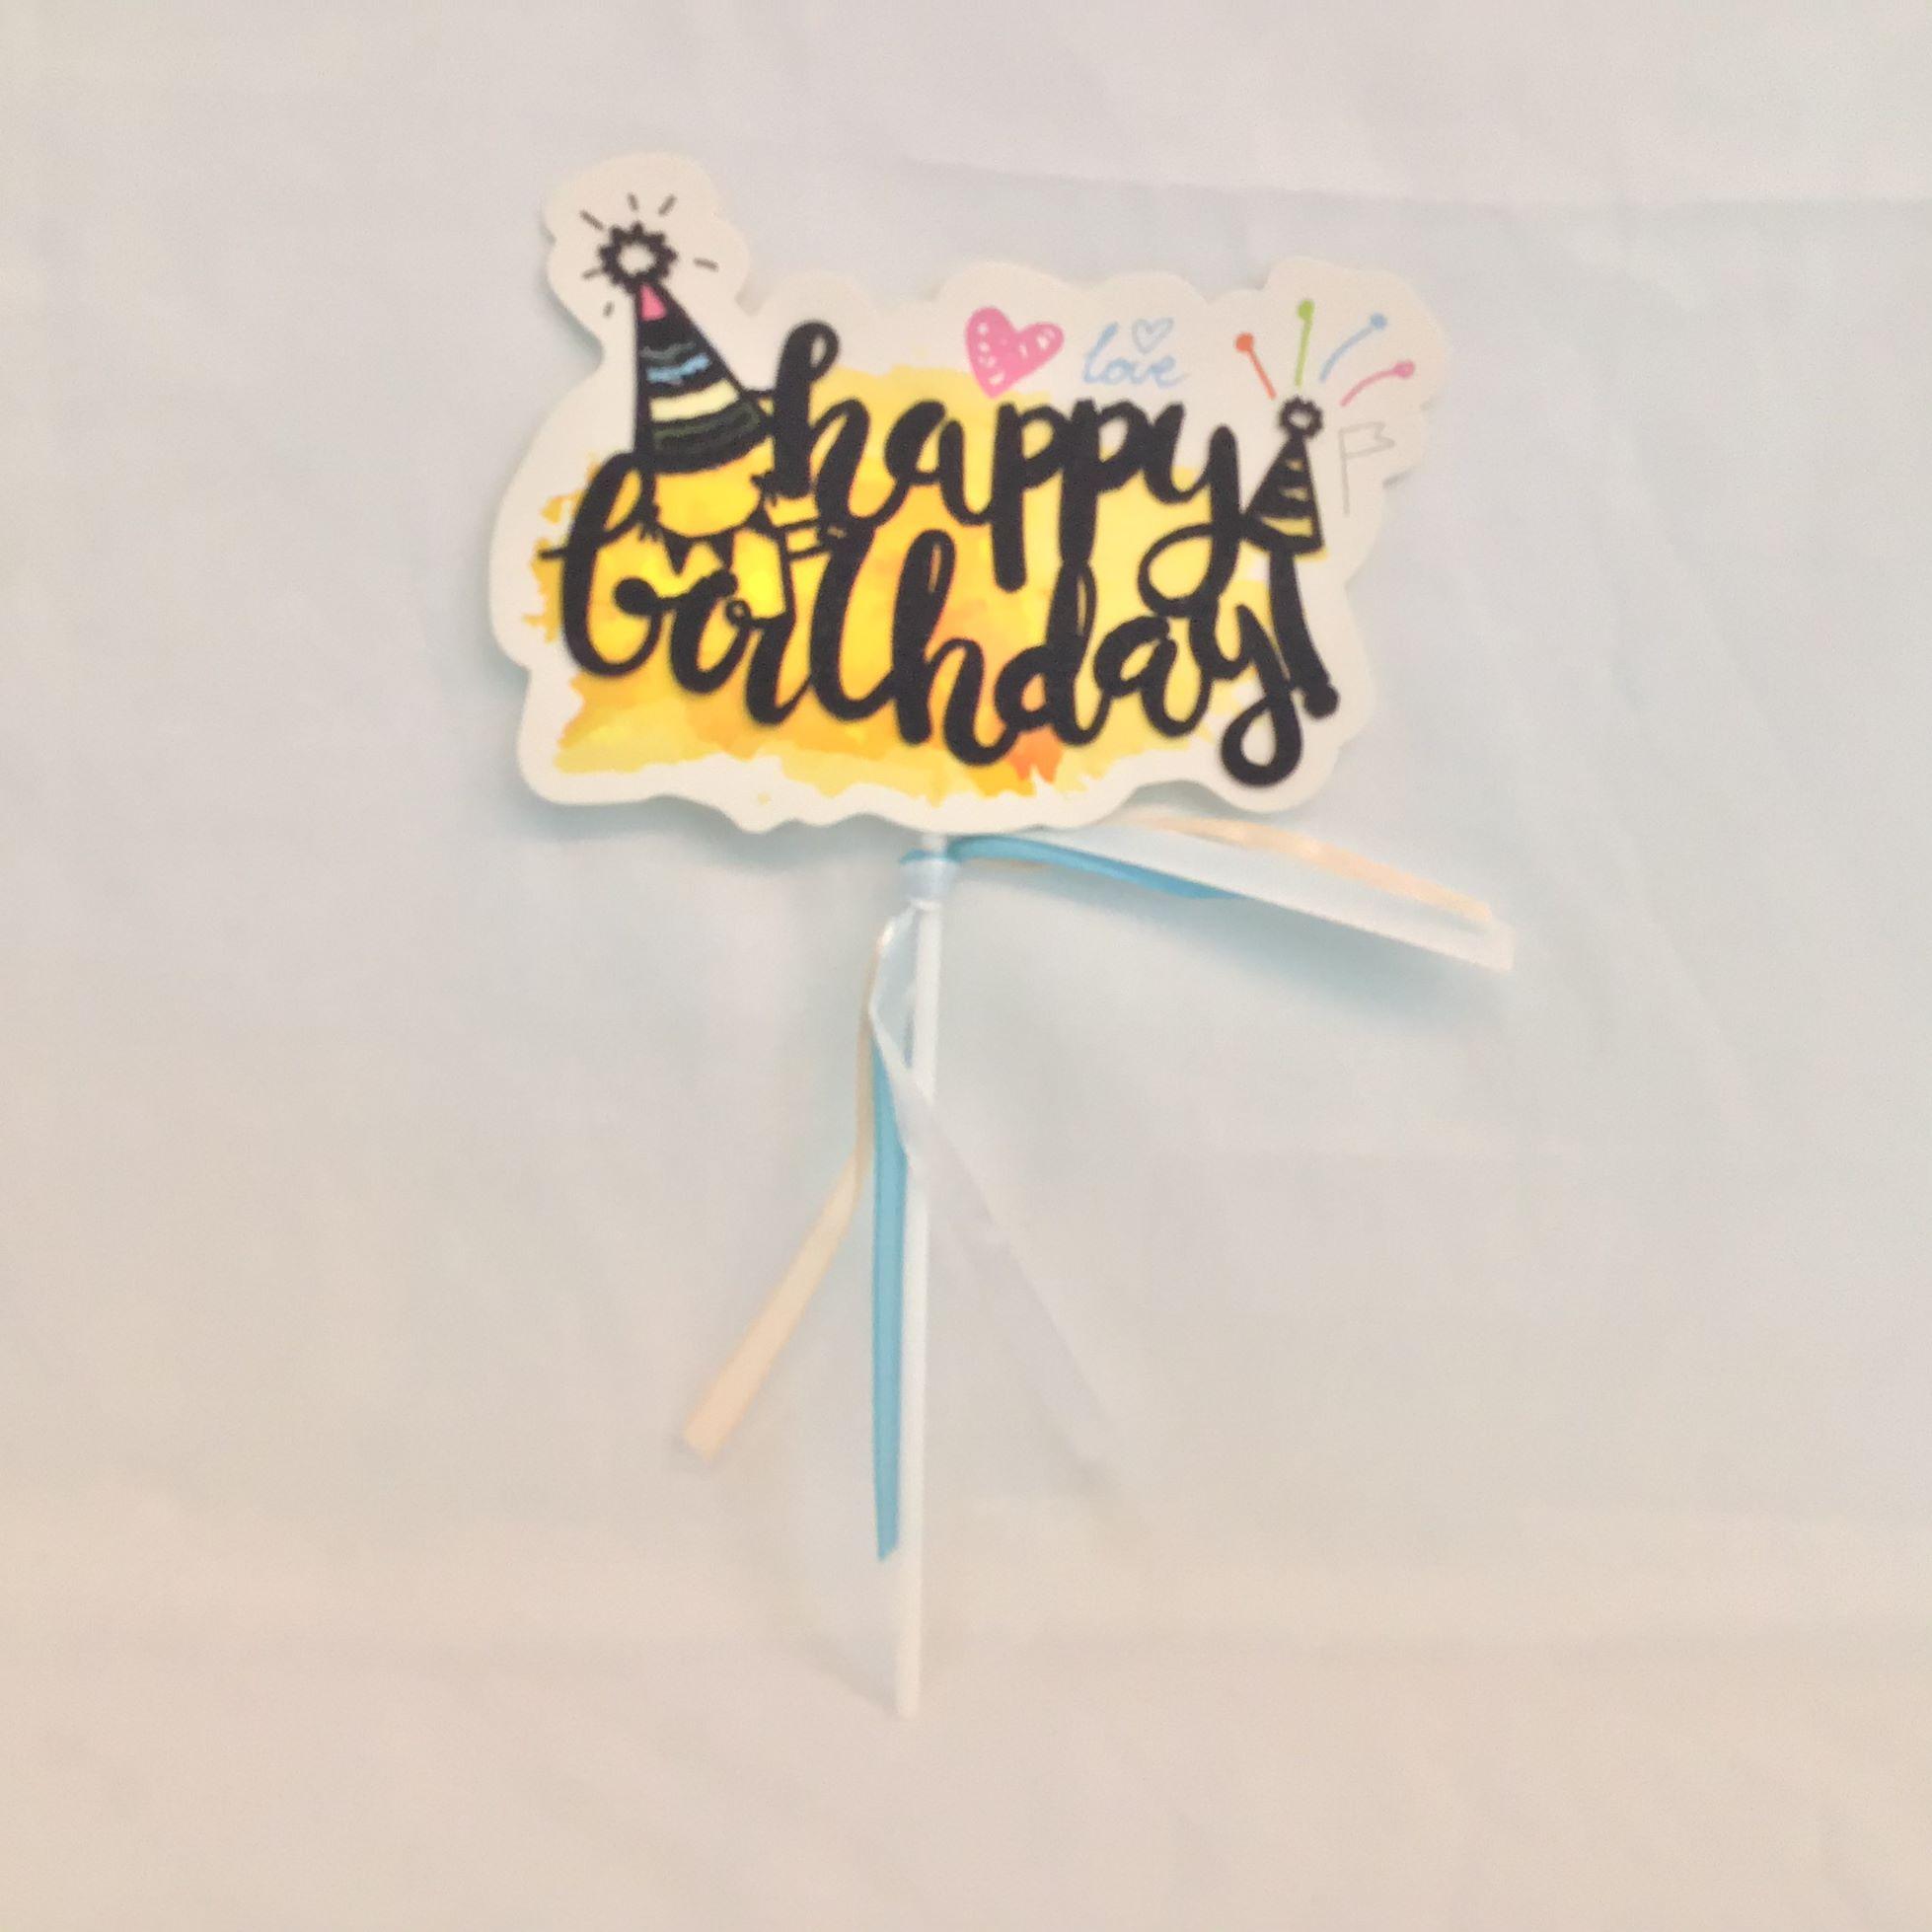 厂家直销夏威夷生日蛋糕插件夏日阳光甜品台装饰